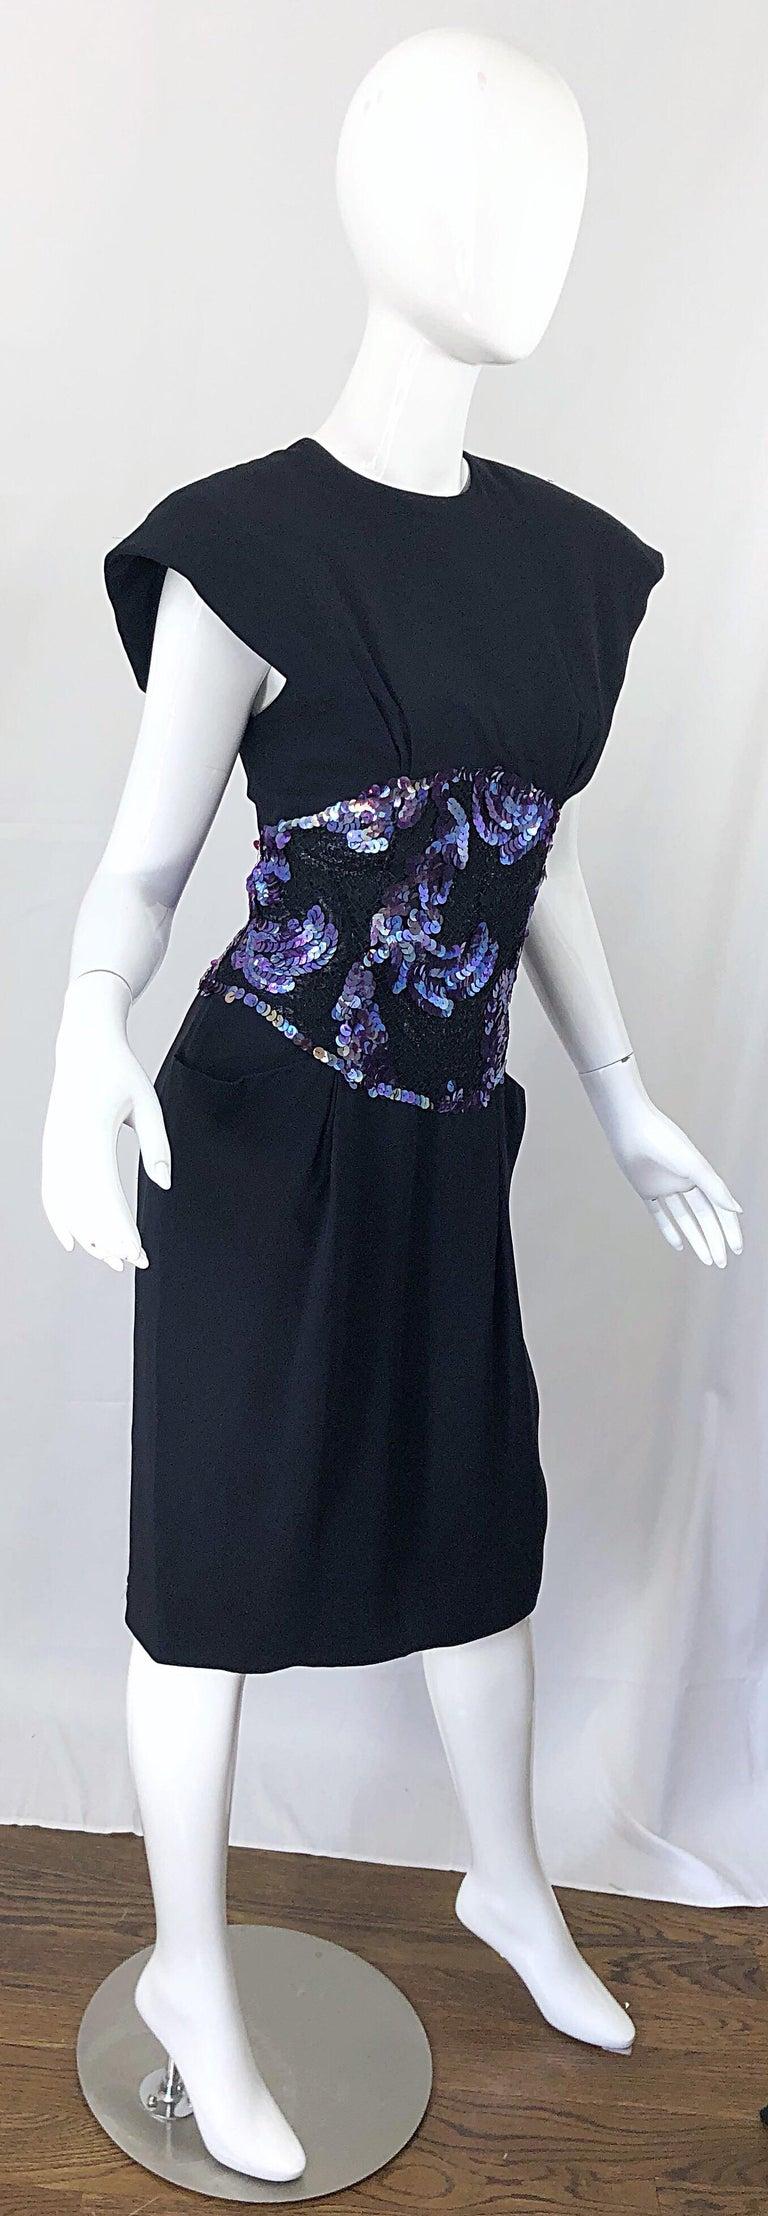 Vintage Geoffrey Beene Size 10 Avant Garde Black Purple Sequin Lace Silk Dress For Sale 4